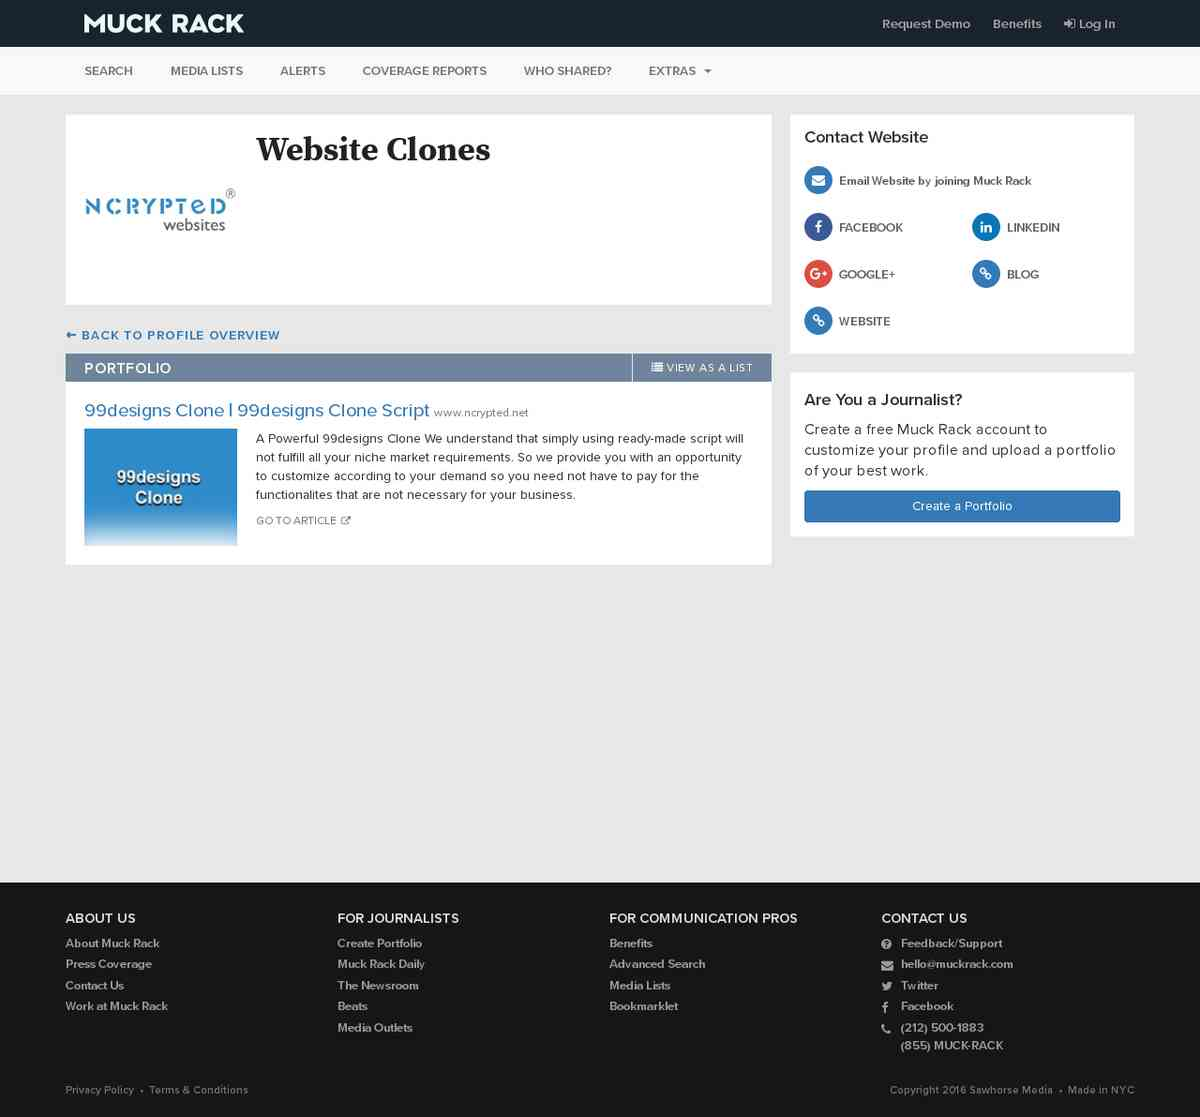 muckrack.com/website-clones/portfolio/KQc/99designs-clone-99designs-clone-script